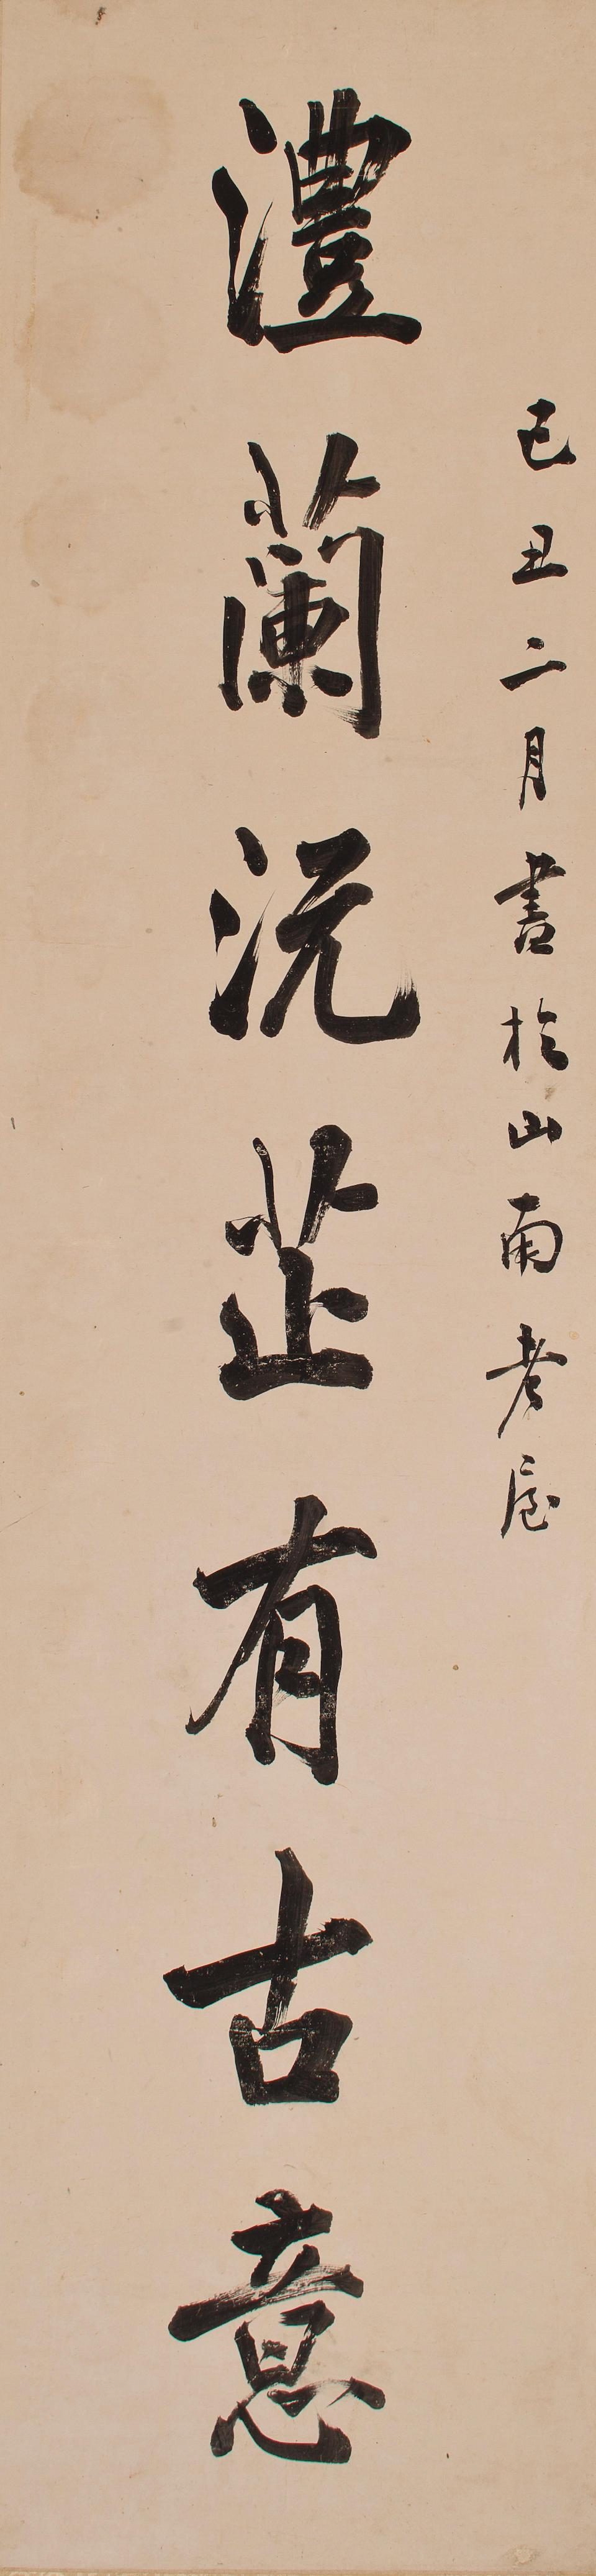 Wang Xuehao (1754-1832)  Calligraphic Couplet, 1829